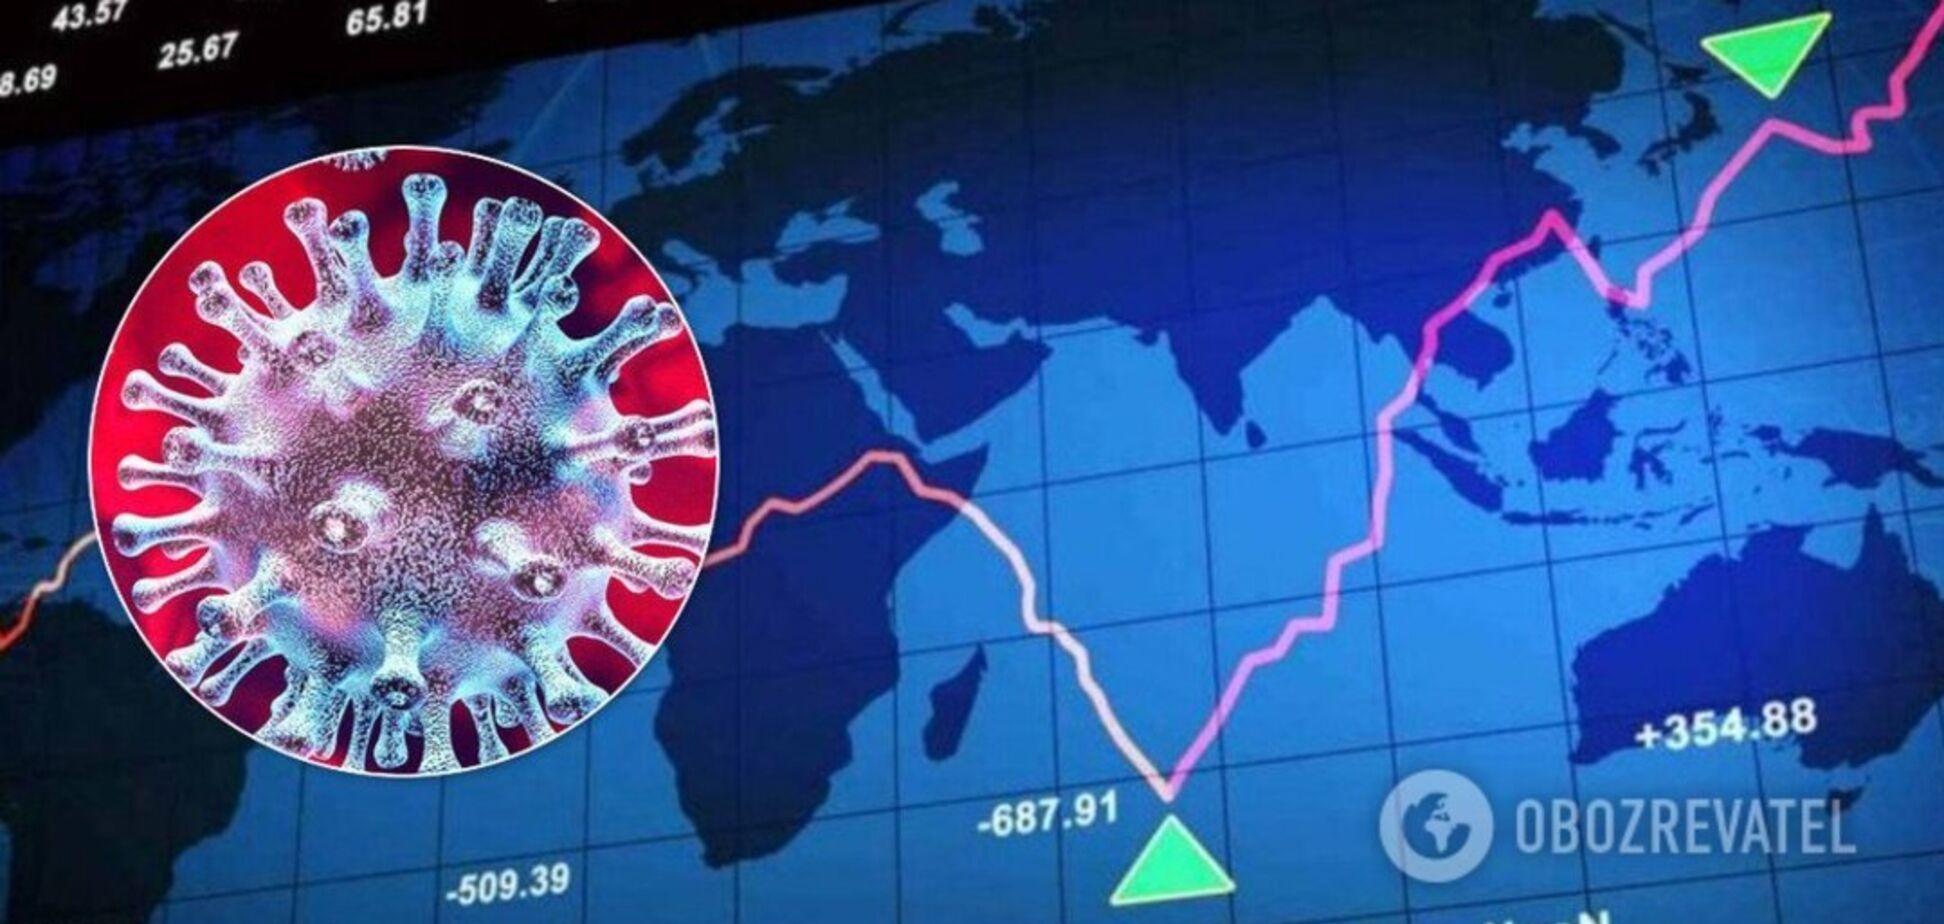 Мировой кризис завершится к концу года: Иноземцев дал оптимистический прогноз